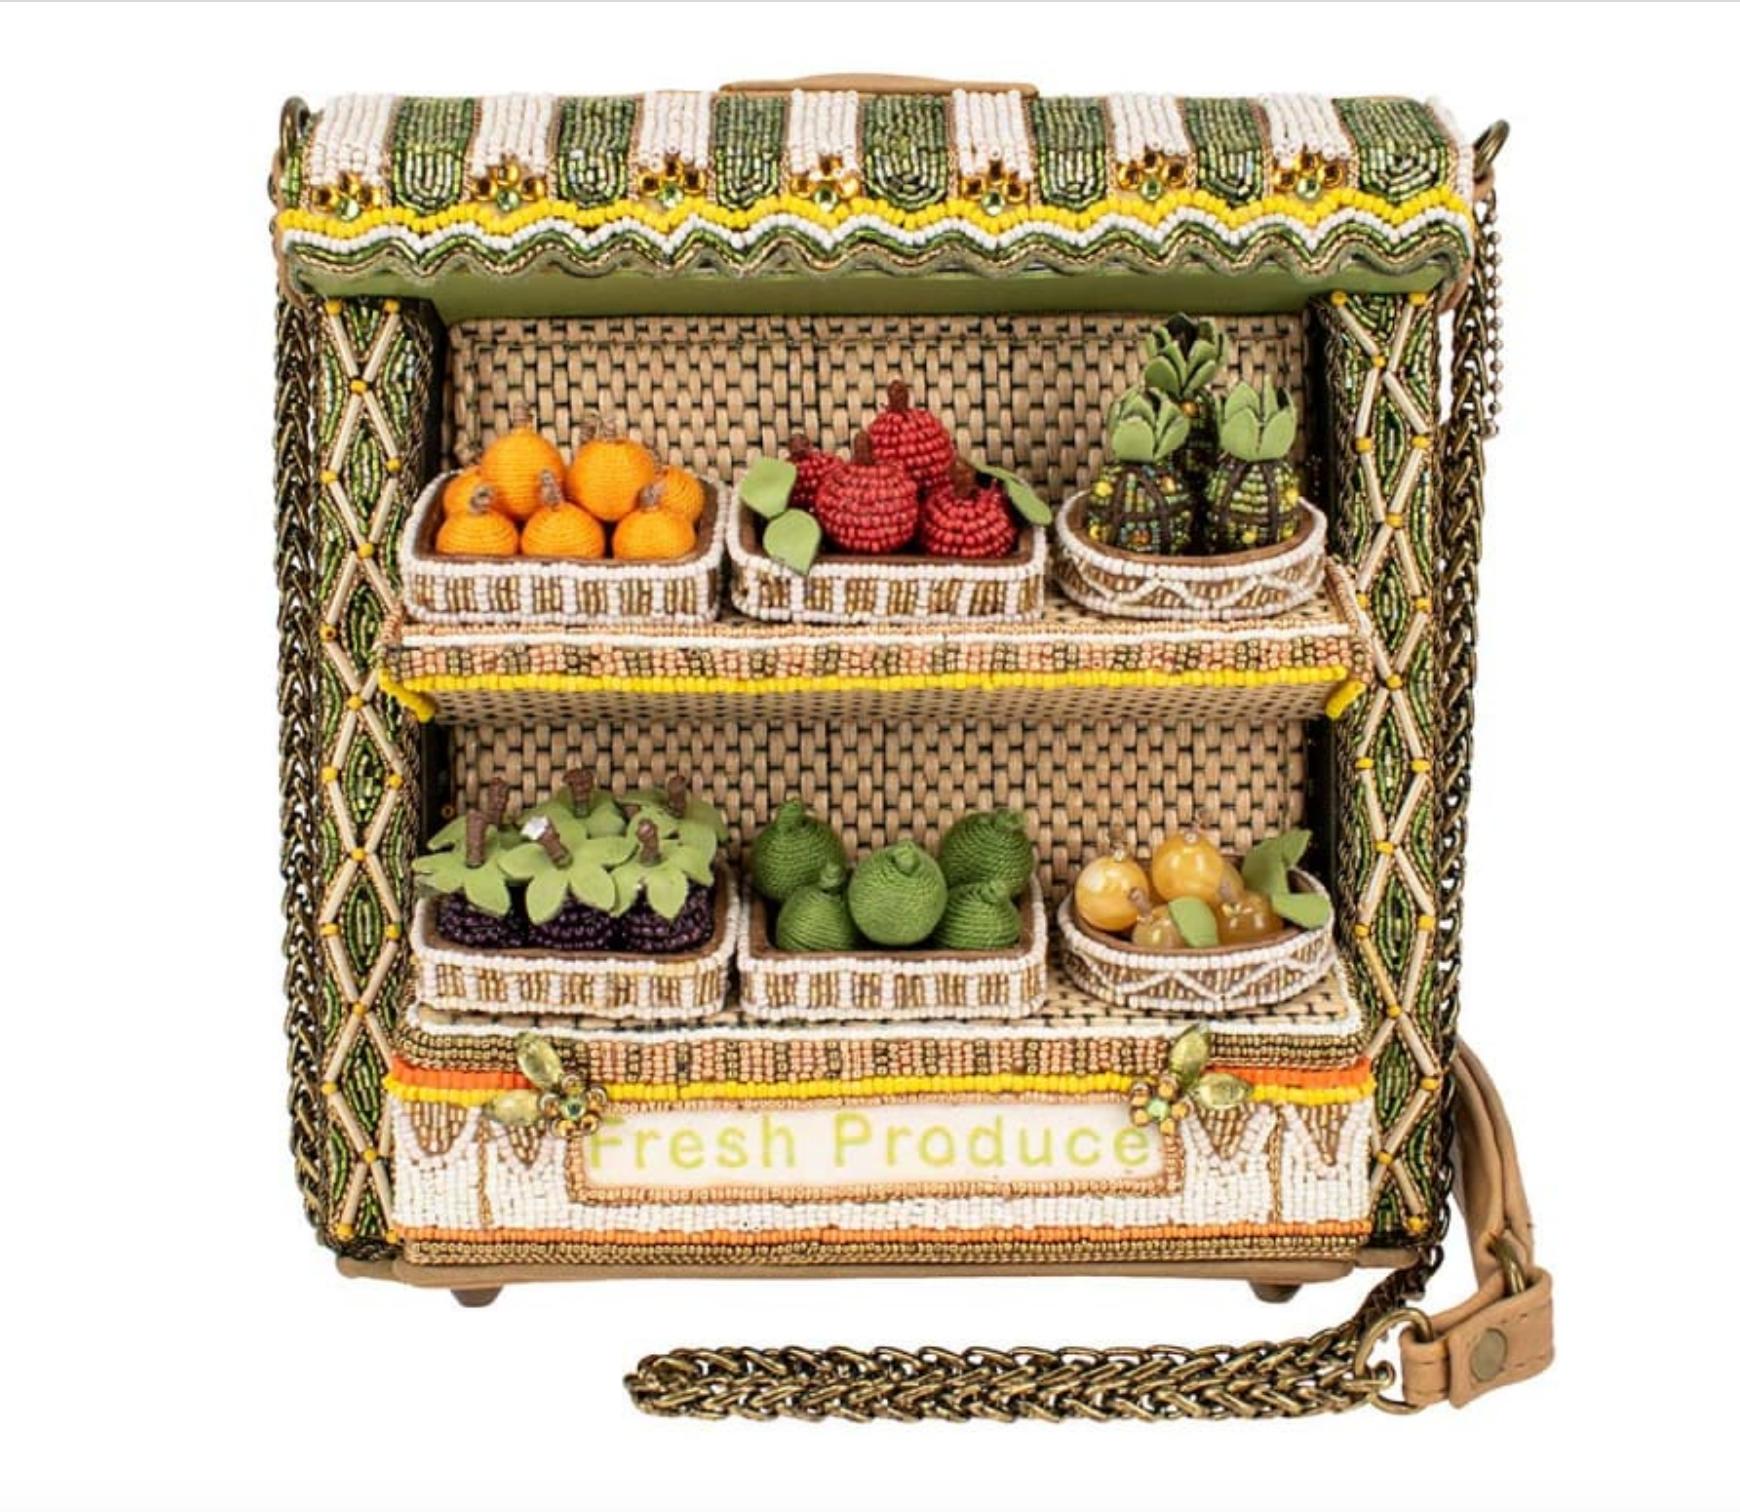 Mary Frances Mary Frances - Produce Market Handbag